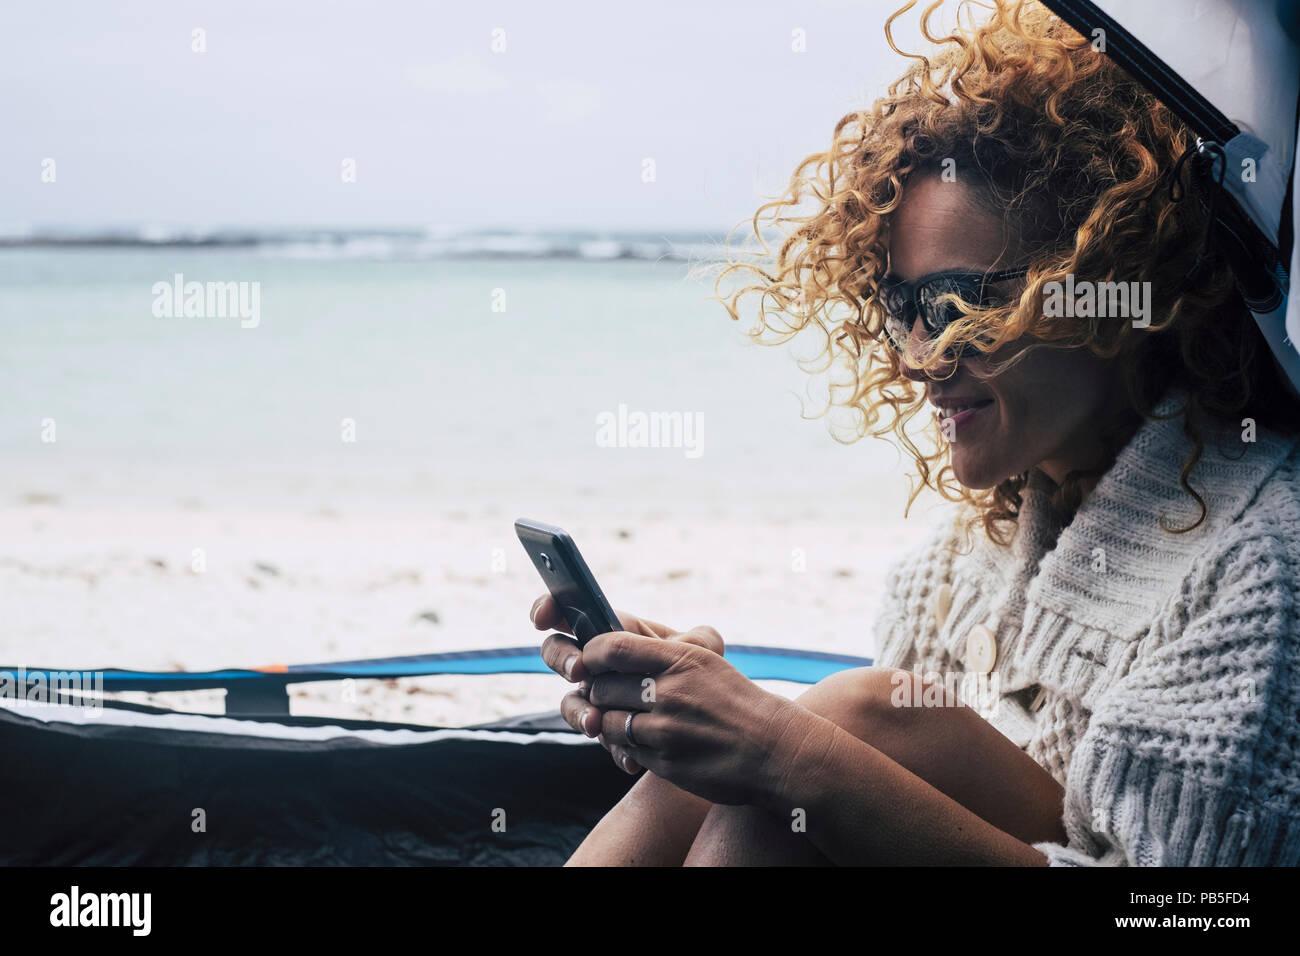 Viajero alegre dama con el cabello rizado en el viento escribe en smartphone enjoyng la carpa en la playa. al aire libre en el fondo del océano. paradise vacation c Imagen De Stock